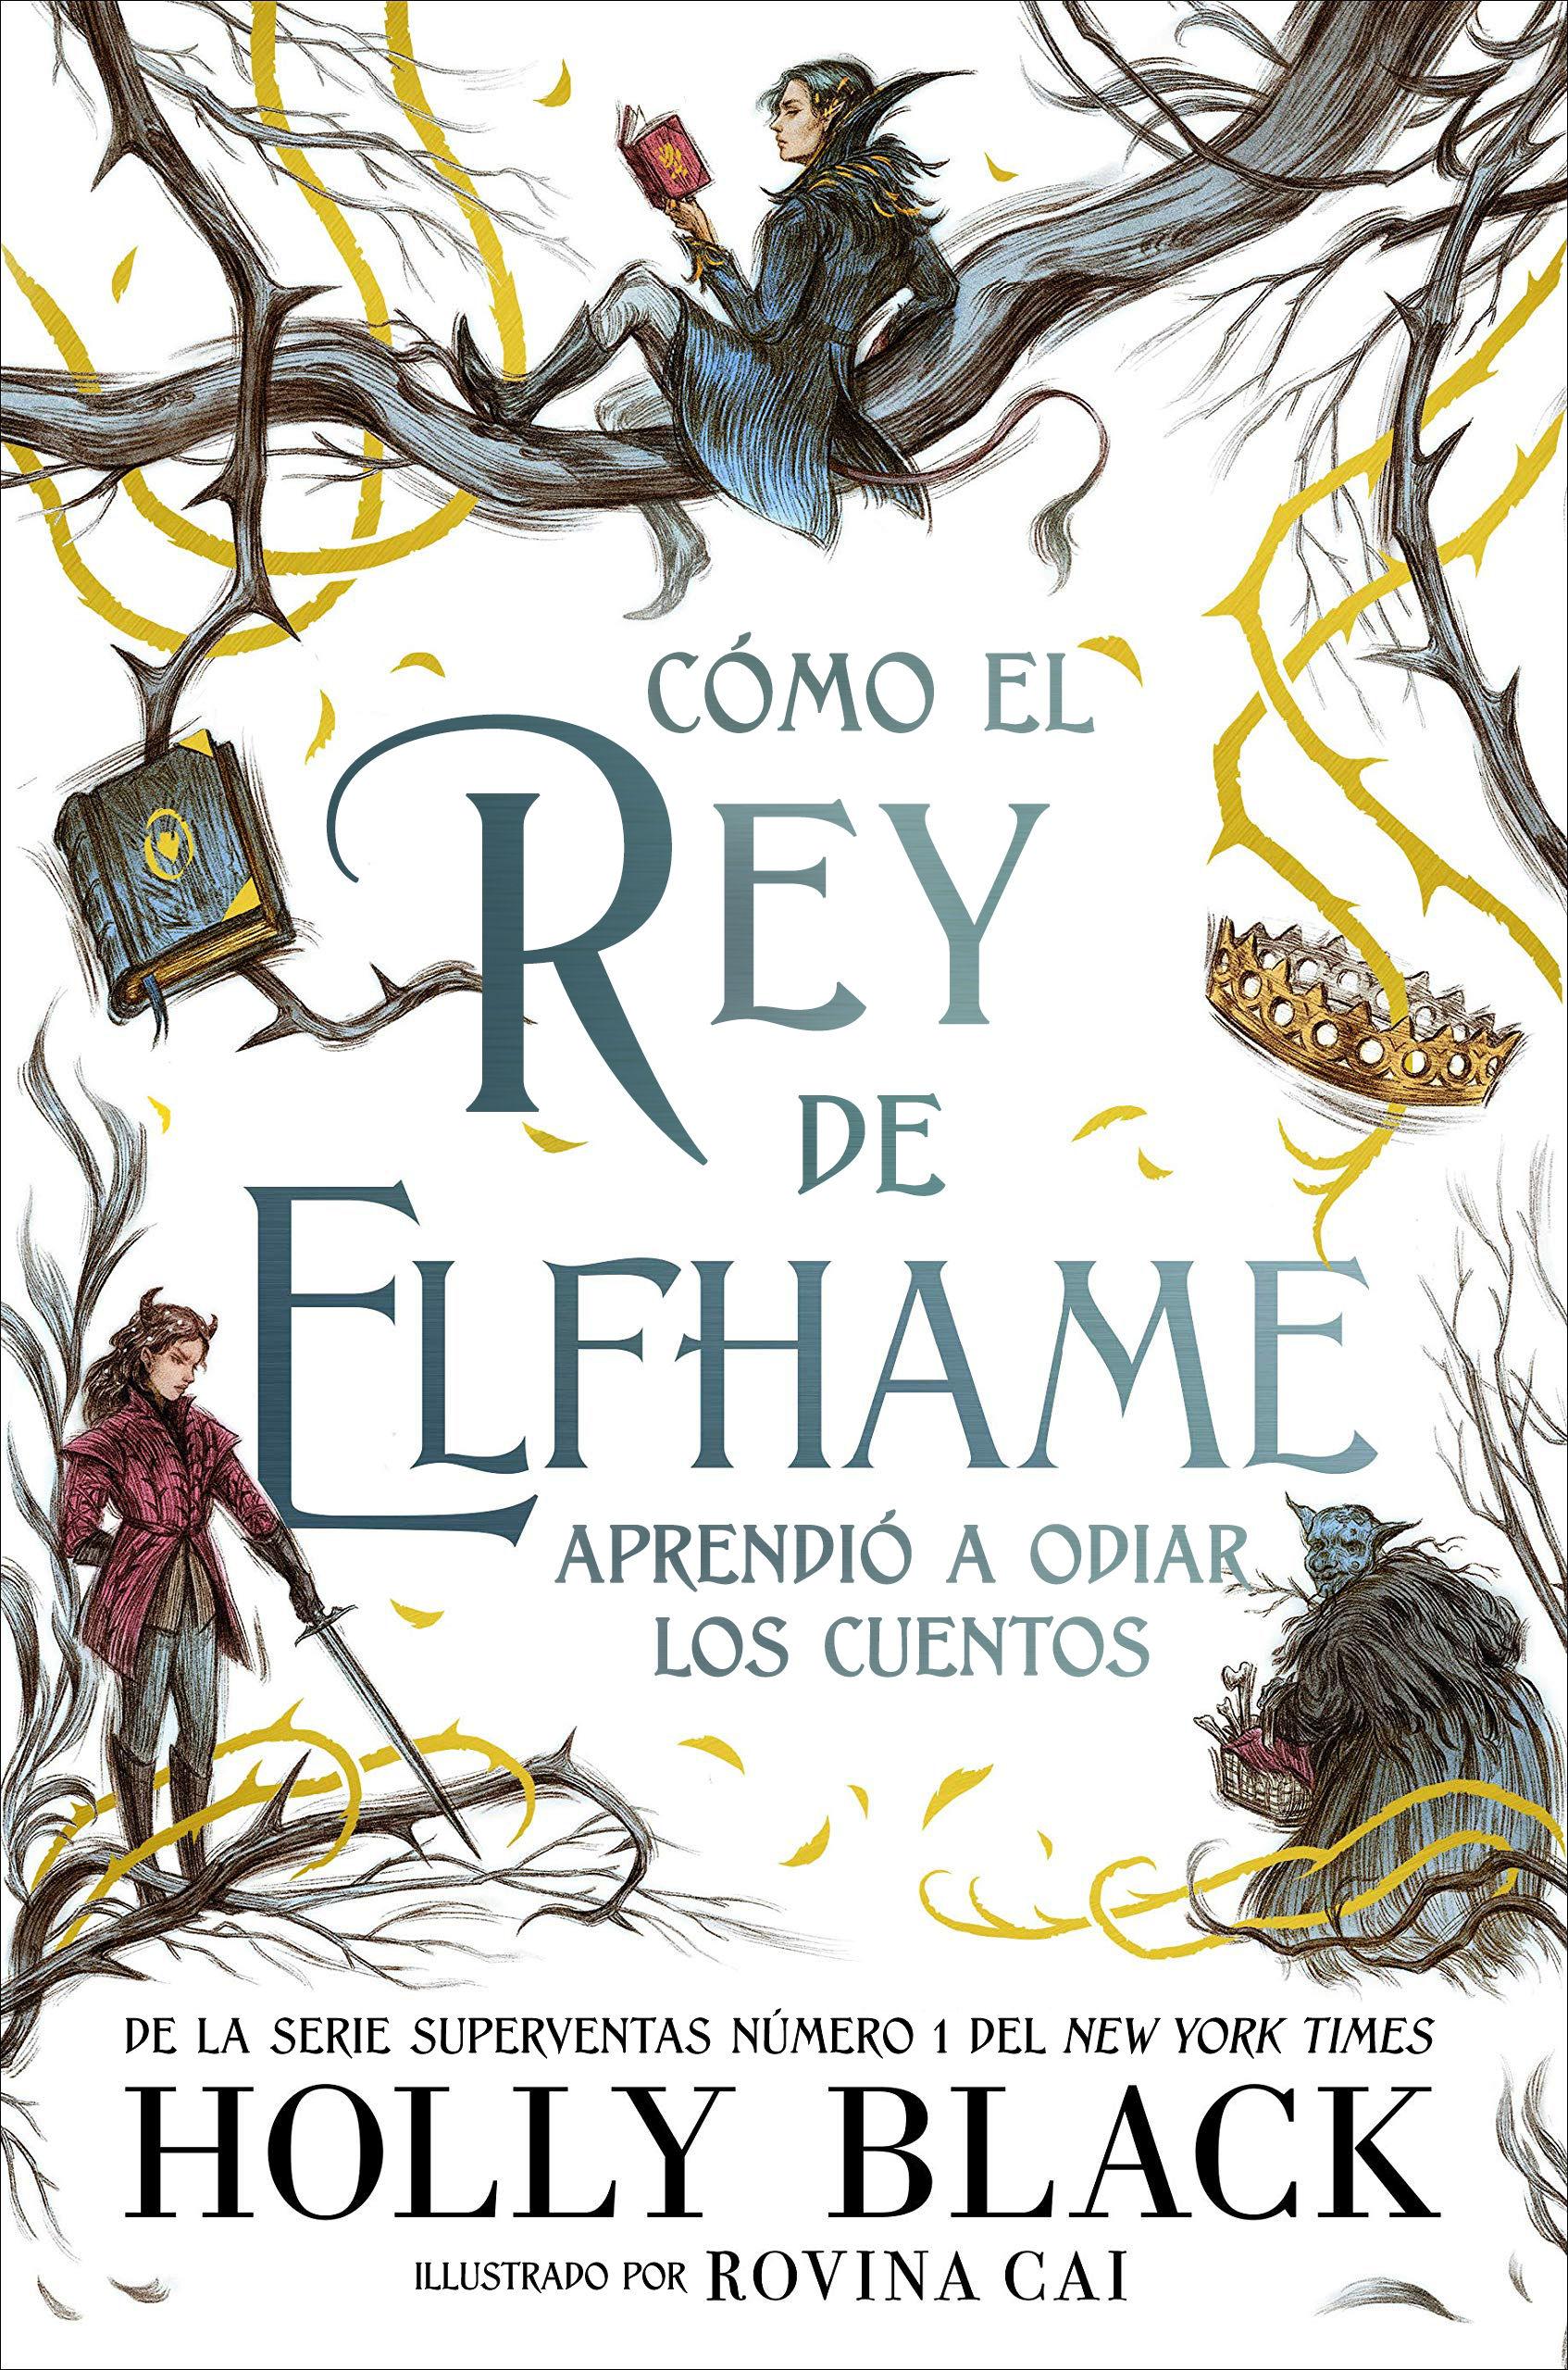 COMO EL REY DE ELFHAME APRENDIO A ODIAR LAS HISTORIAS